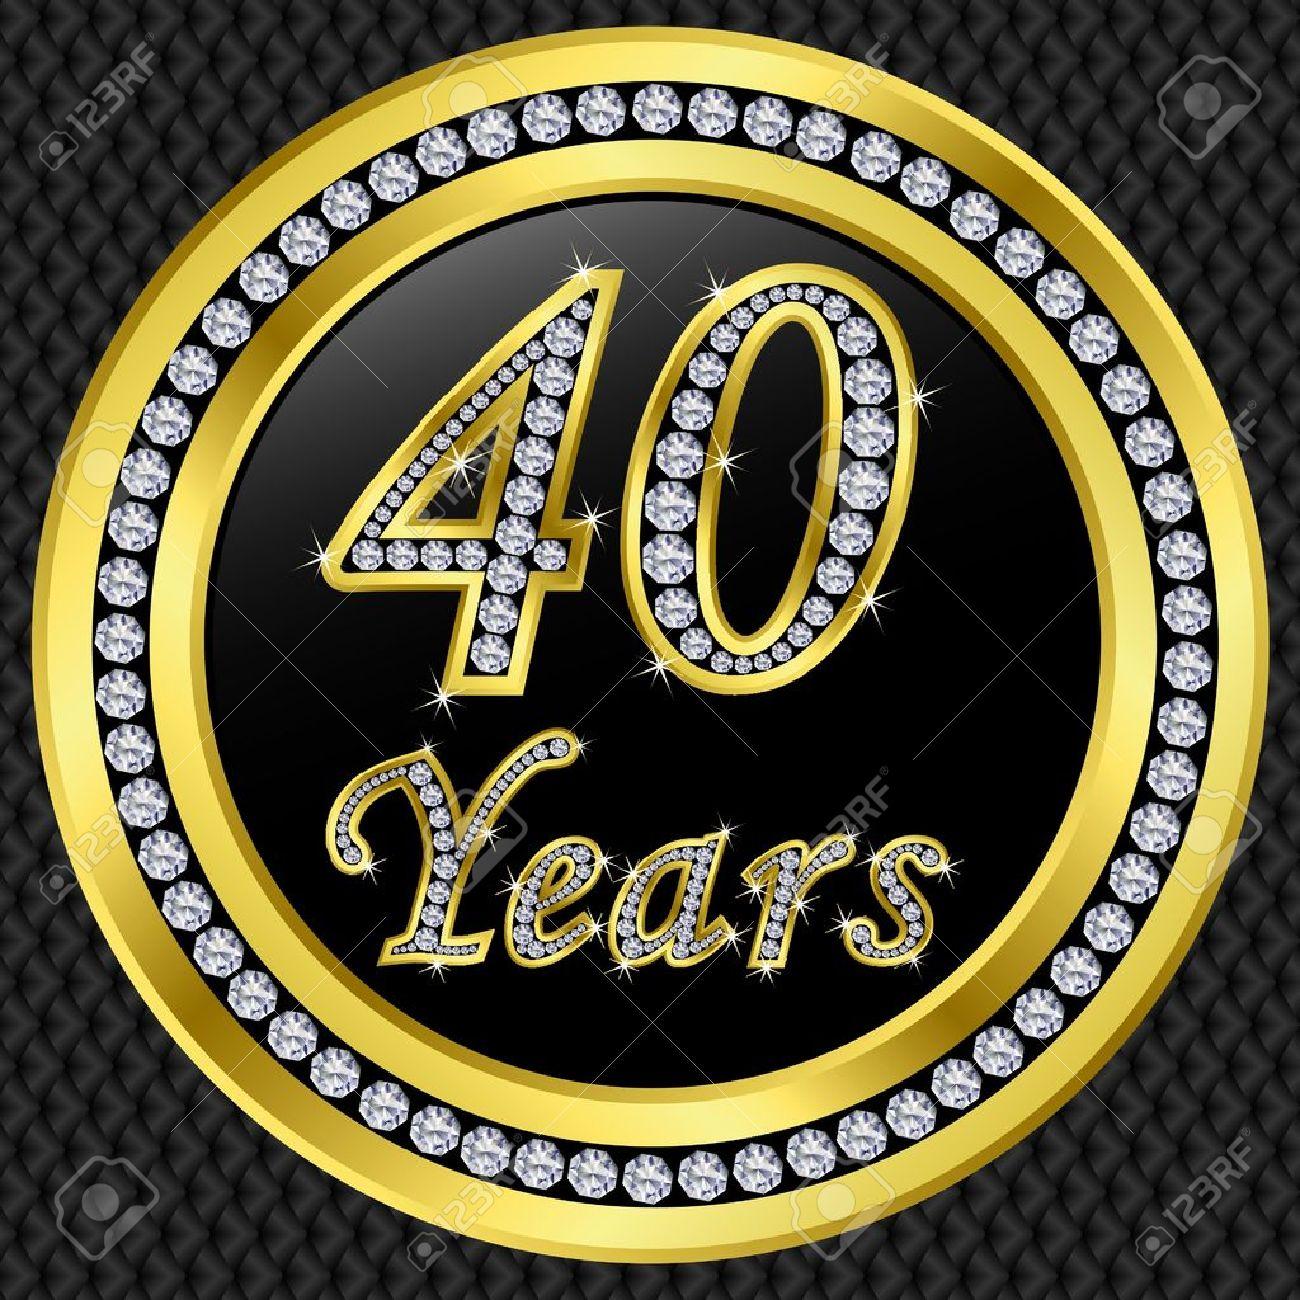 40 年記念ゴールデン アイコン ベクトル イラスト ダイヤモンド